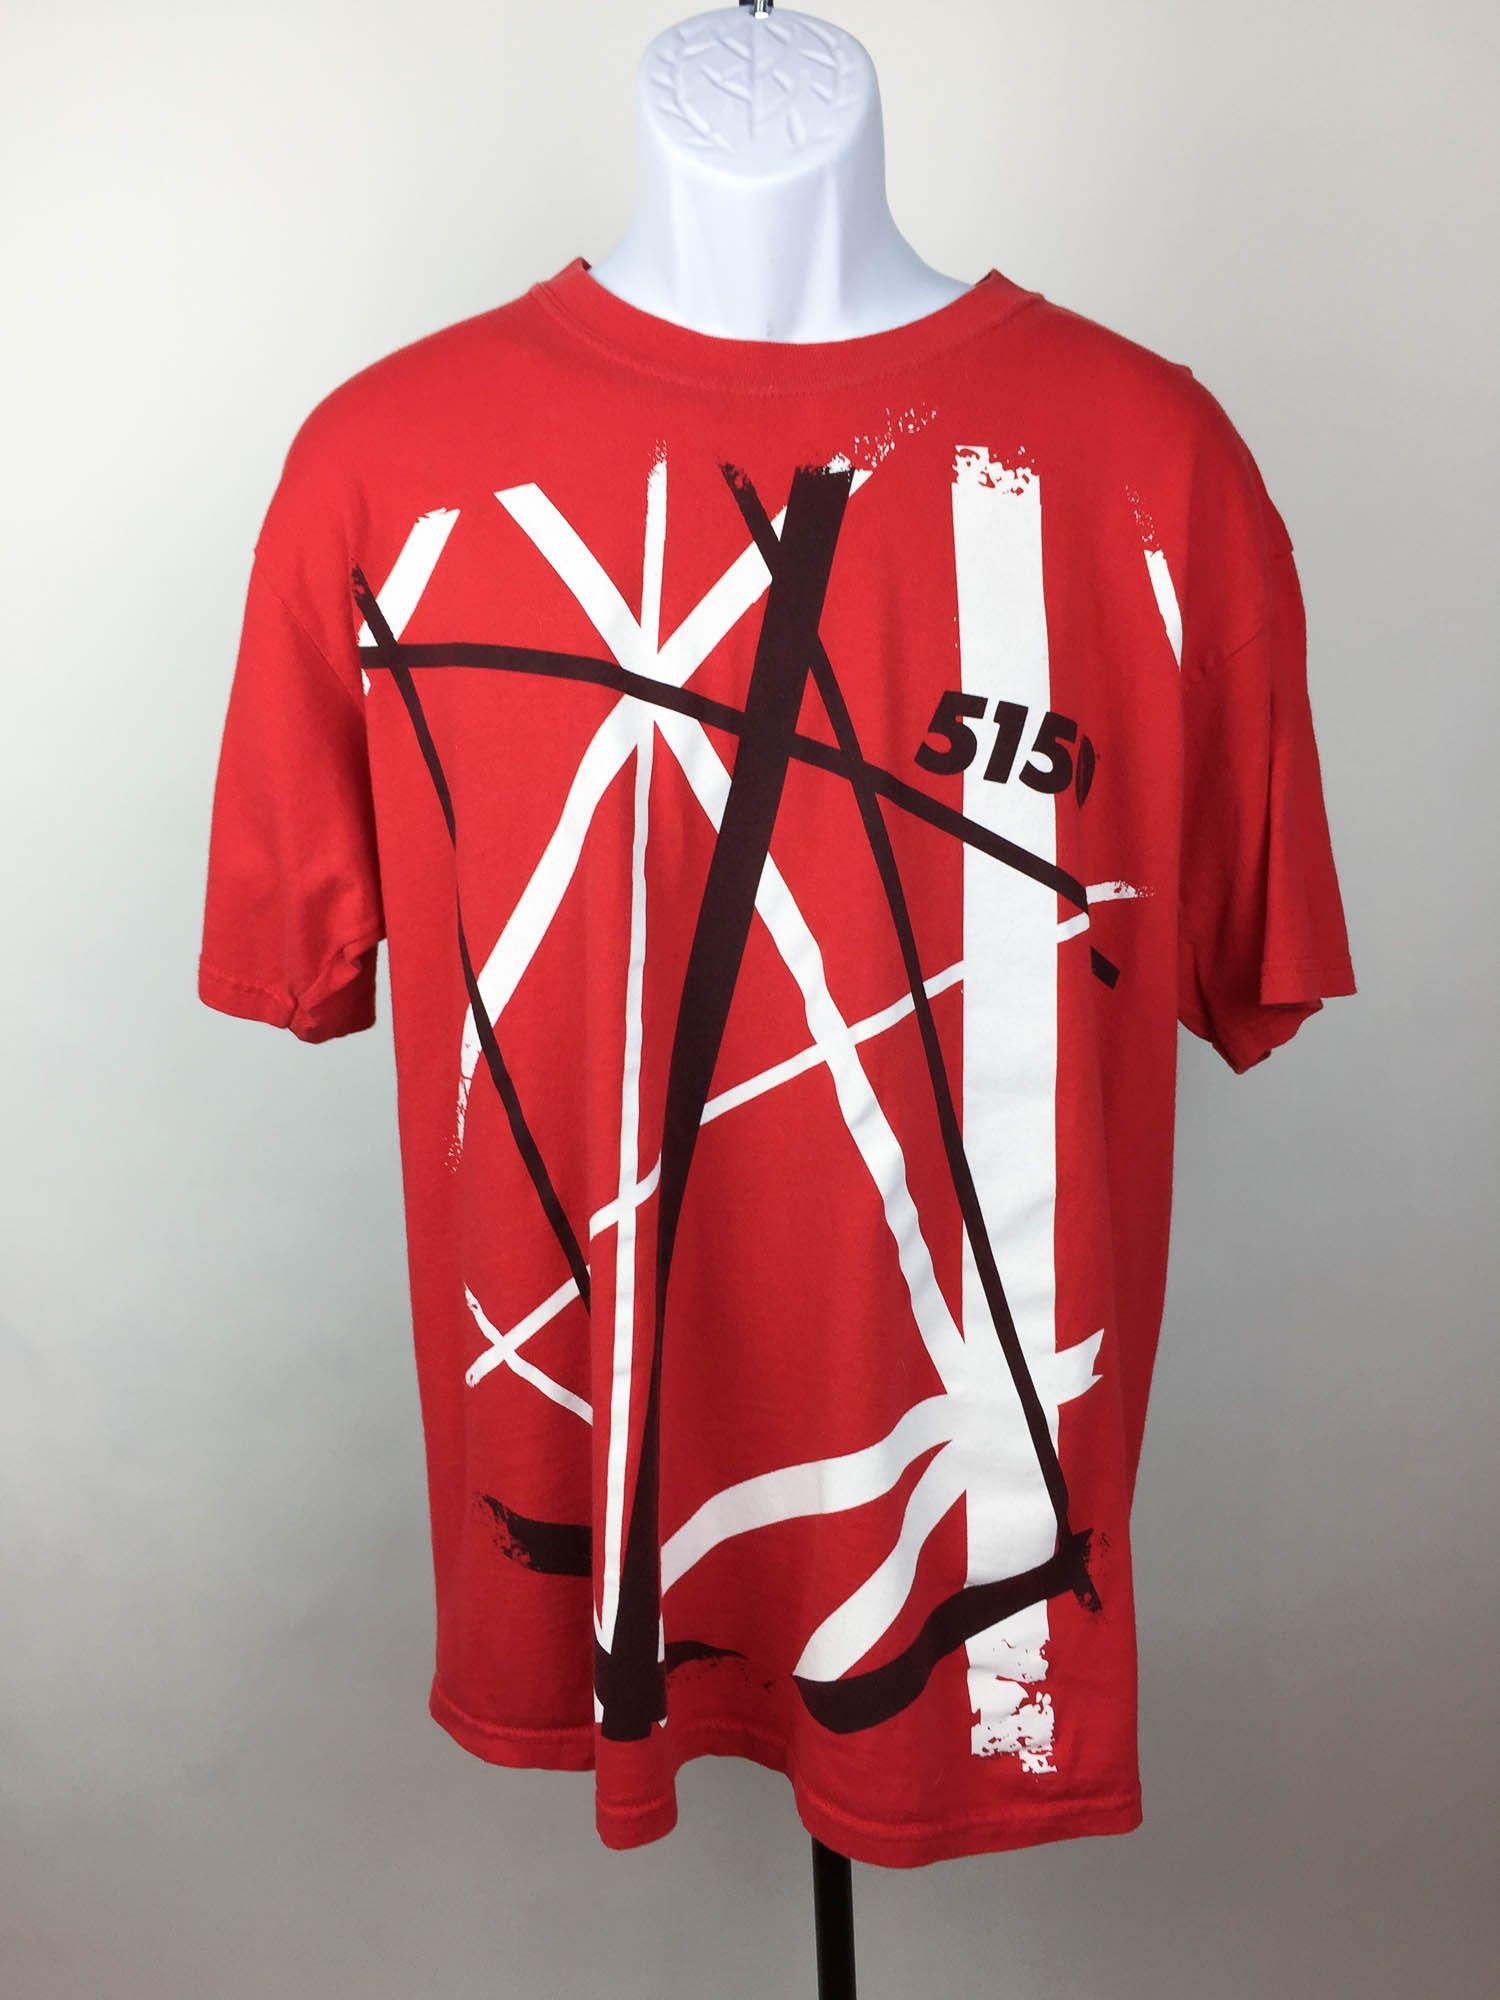 5150 Frankenstein Striped Shirt Large Eddie Van Halen Blamm Striped Shirt Shirts Van Halen